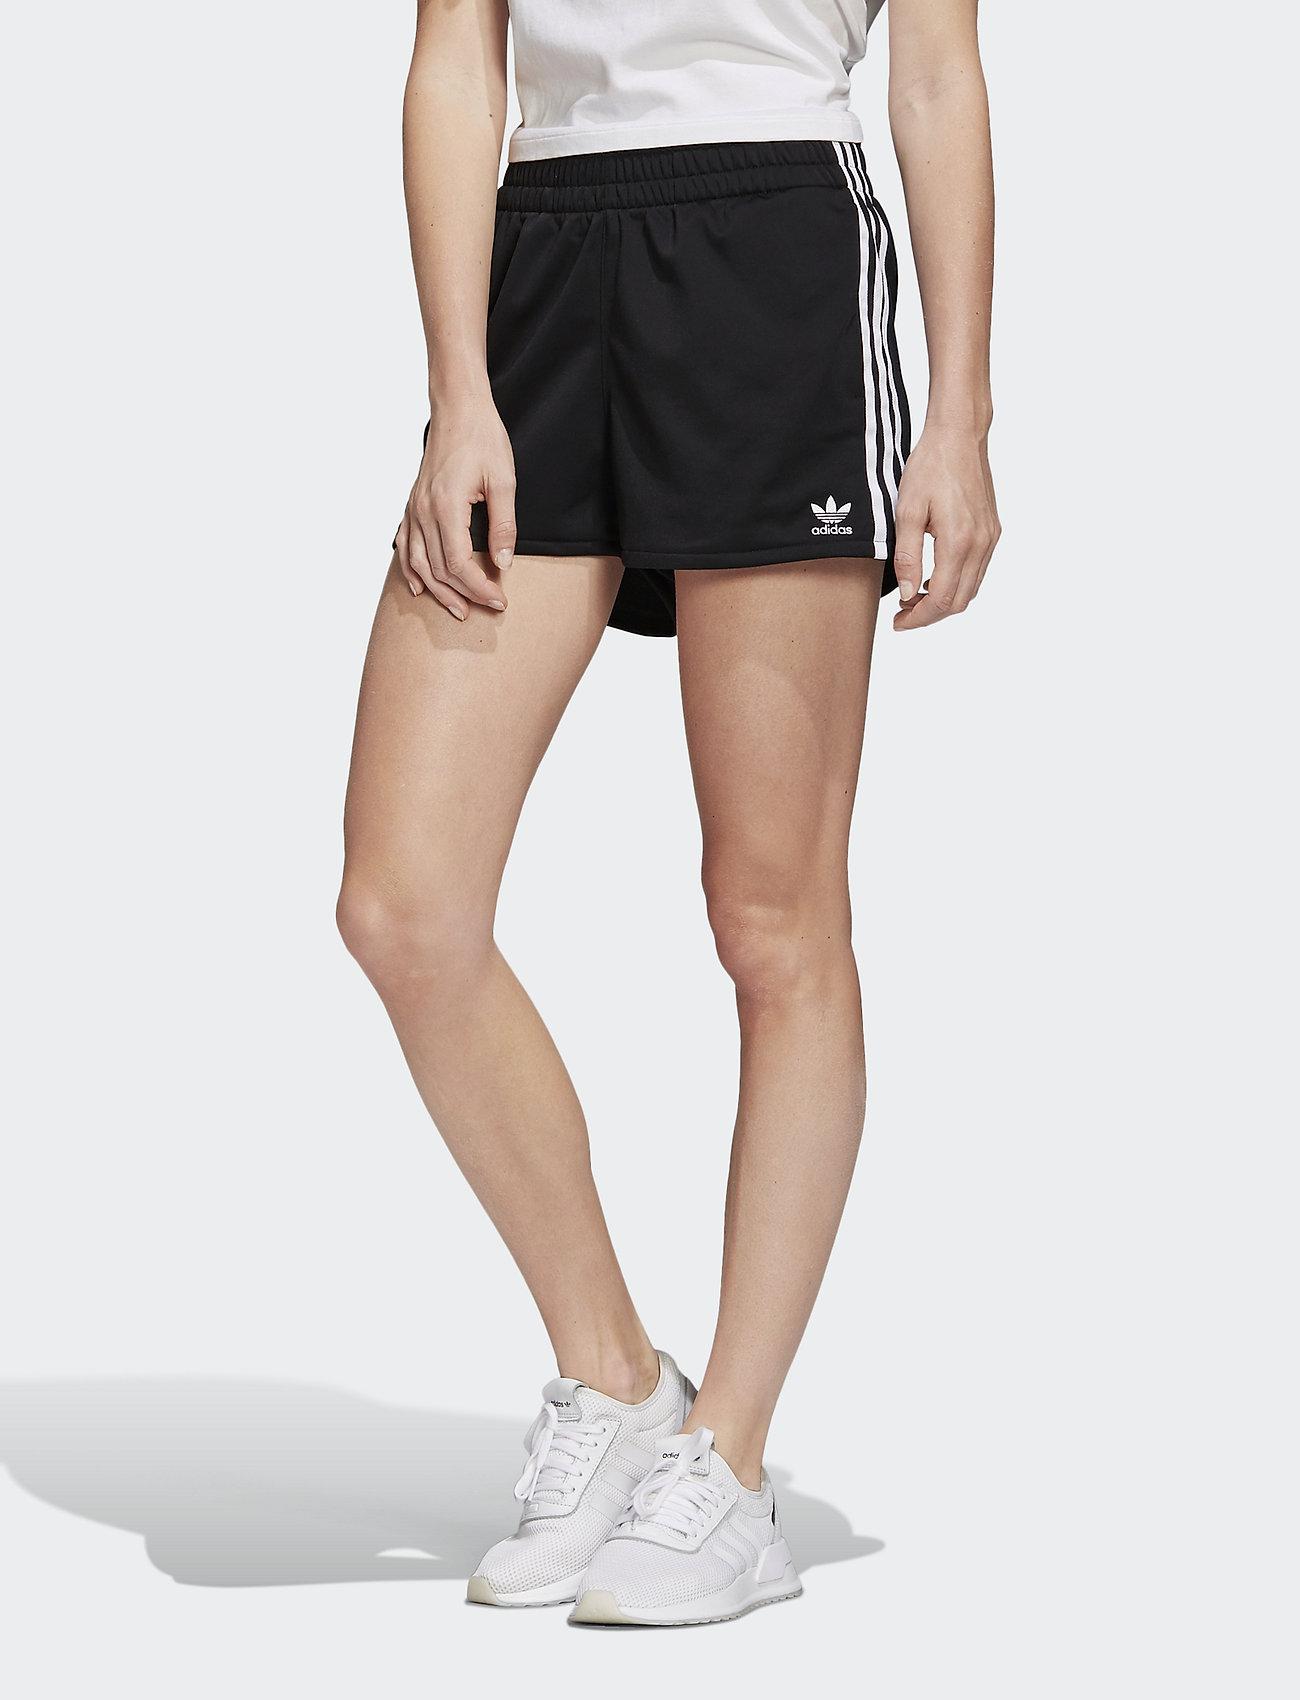 adidas Originals - 3 STR SHORT - træningsshorts - black/white - 0